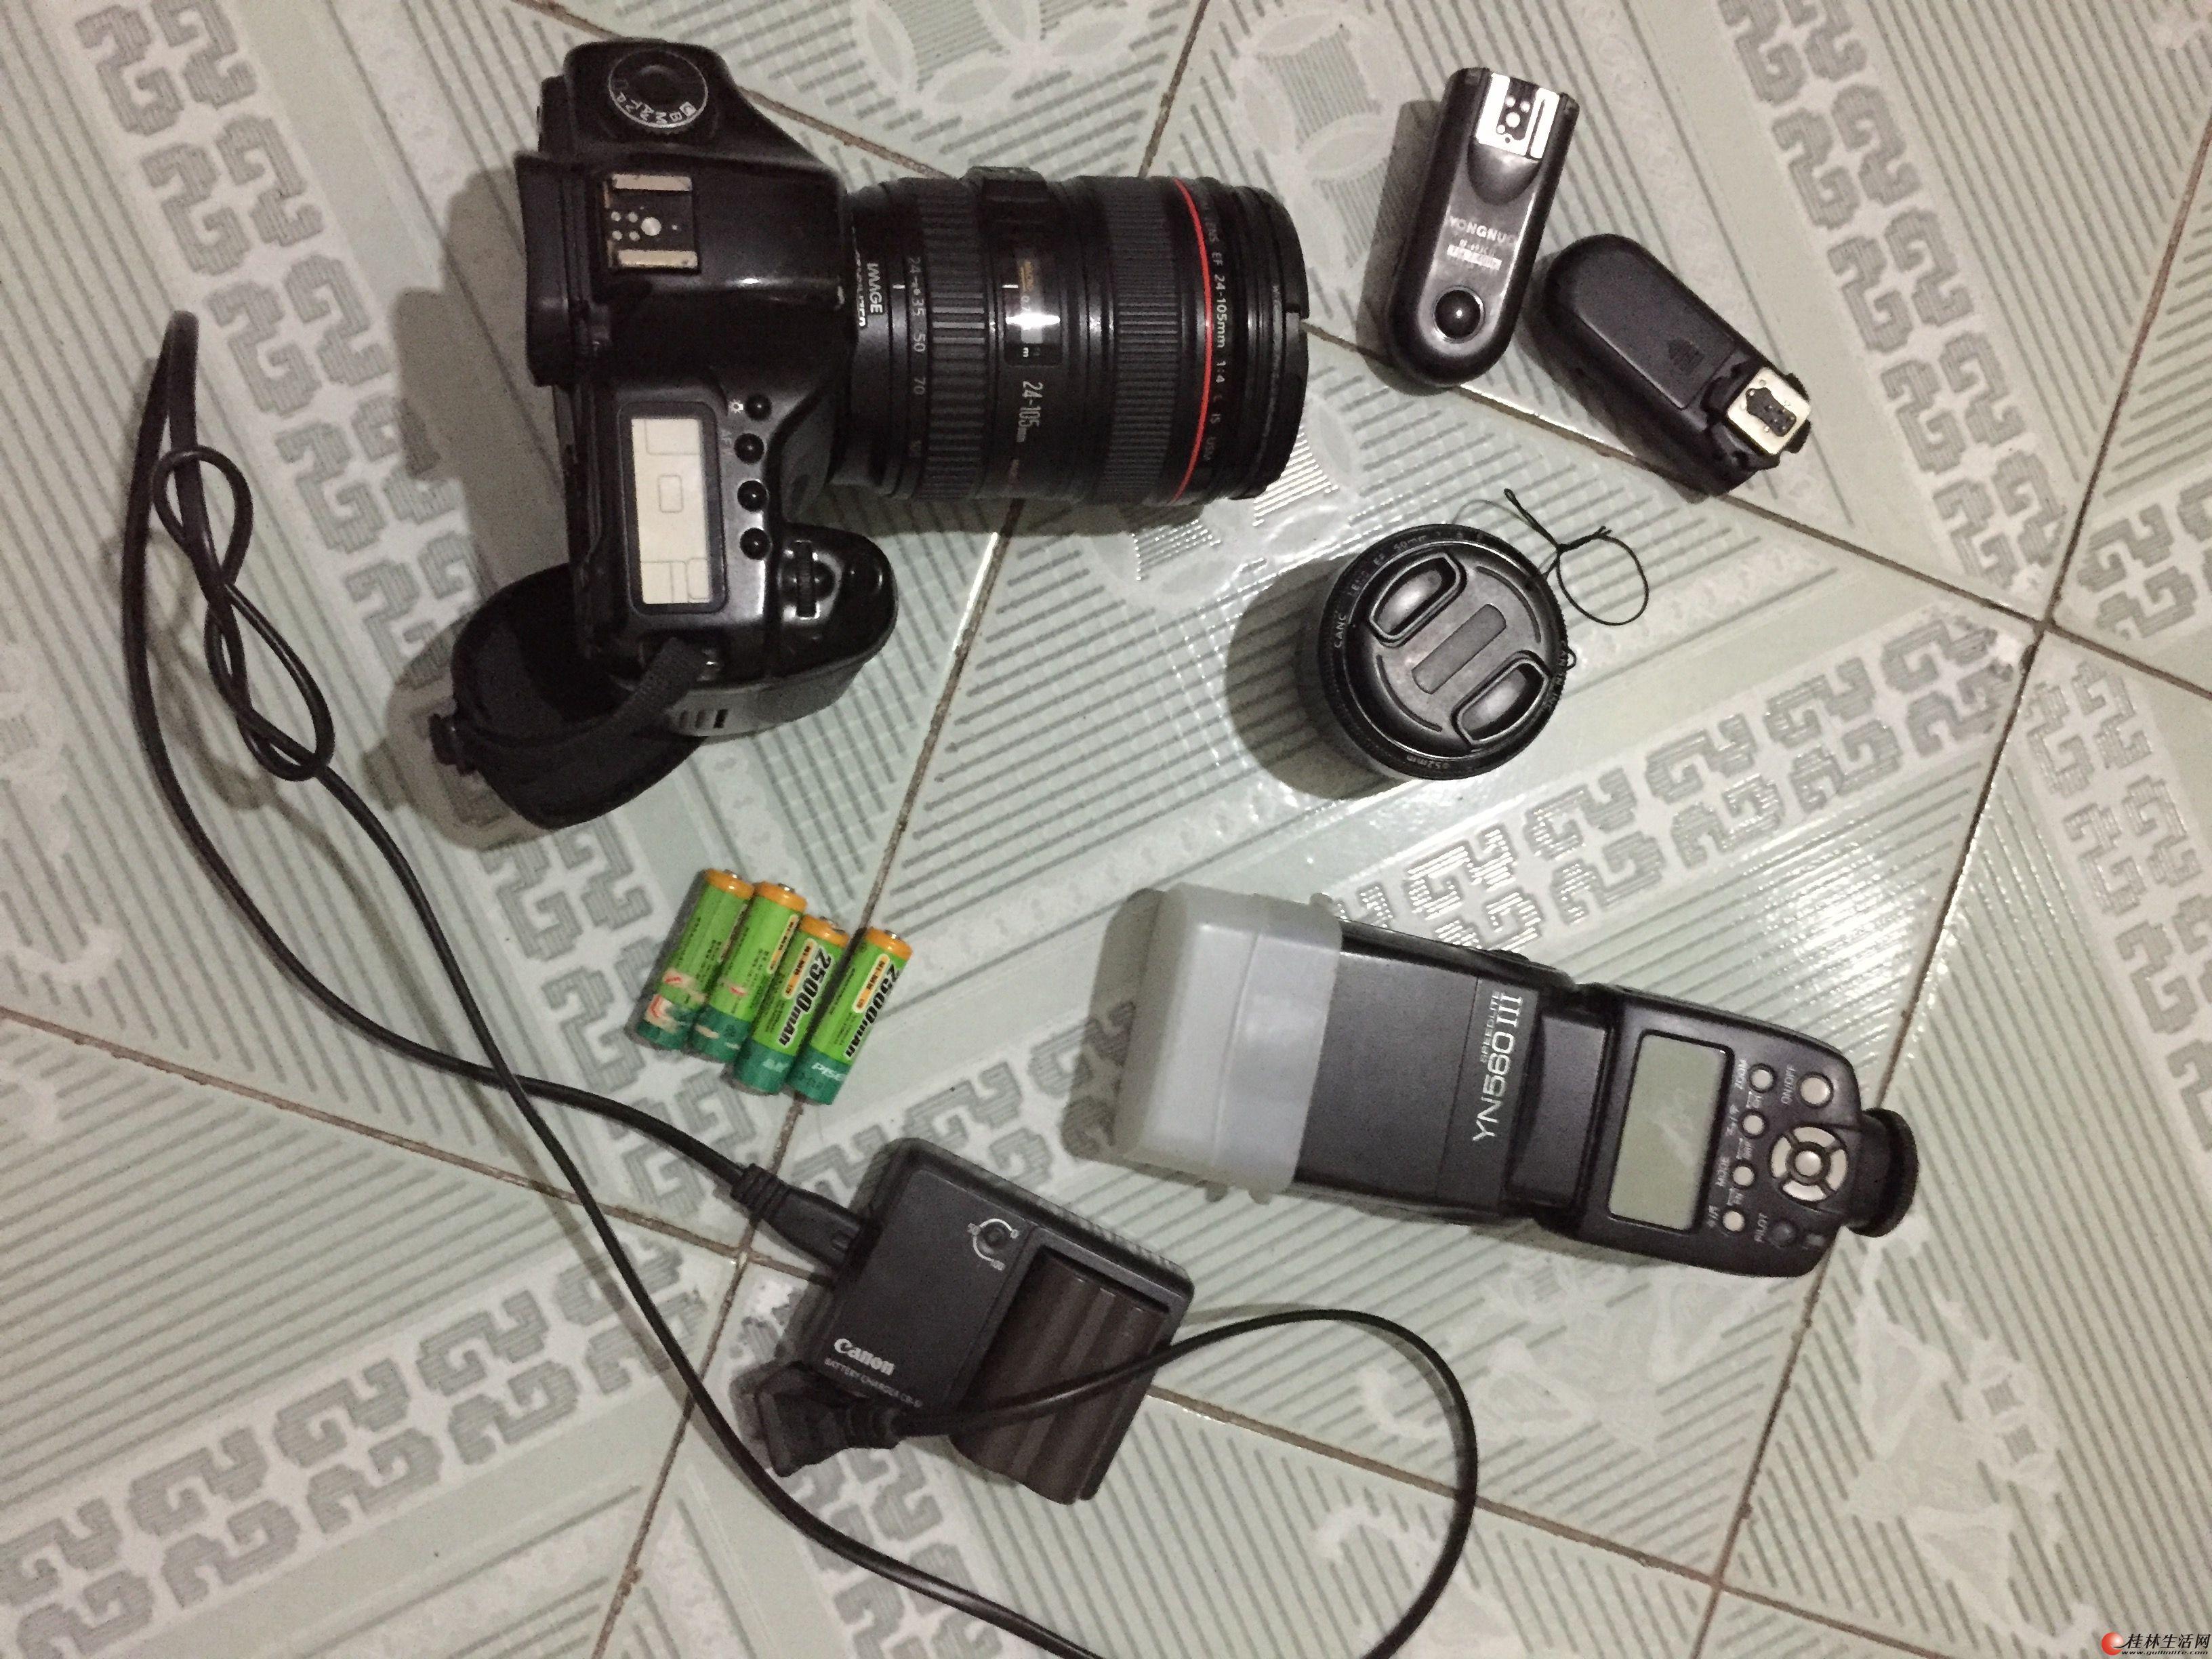 灭门 佳能5d  红圈24-105mm 4L 50mm小痰盂 永诺560三代闪光灯+两个引闪器 送充电池